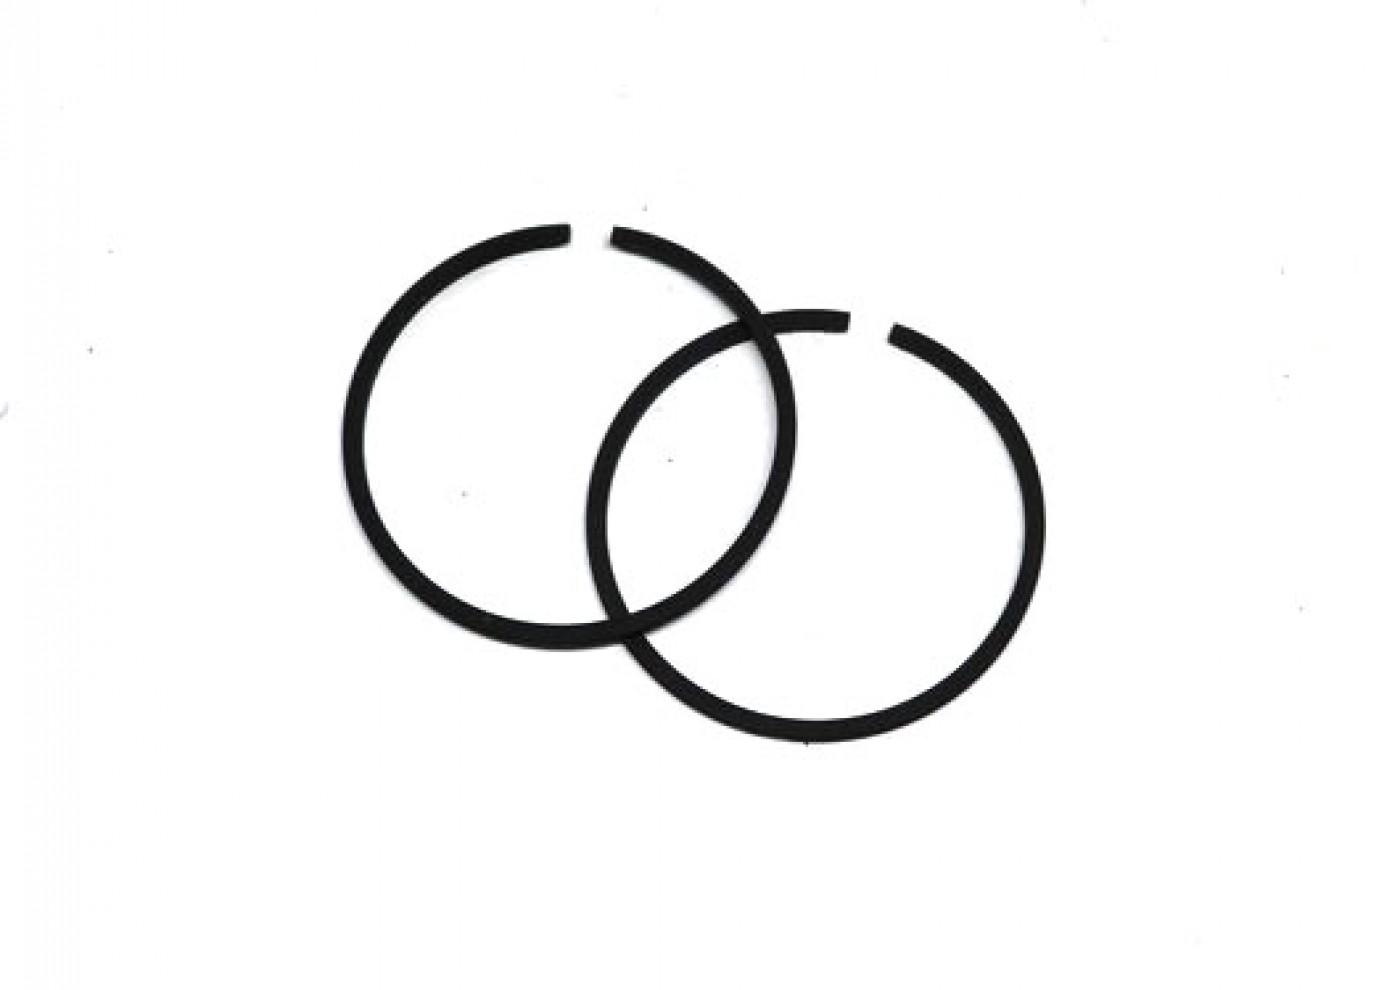 Sada pístních kroužků - 52 mm